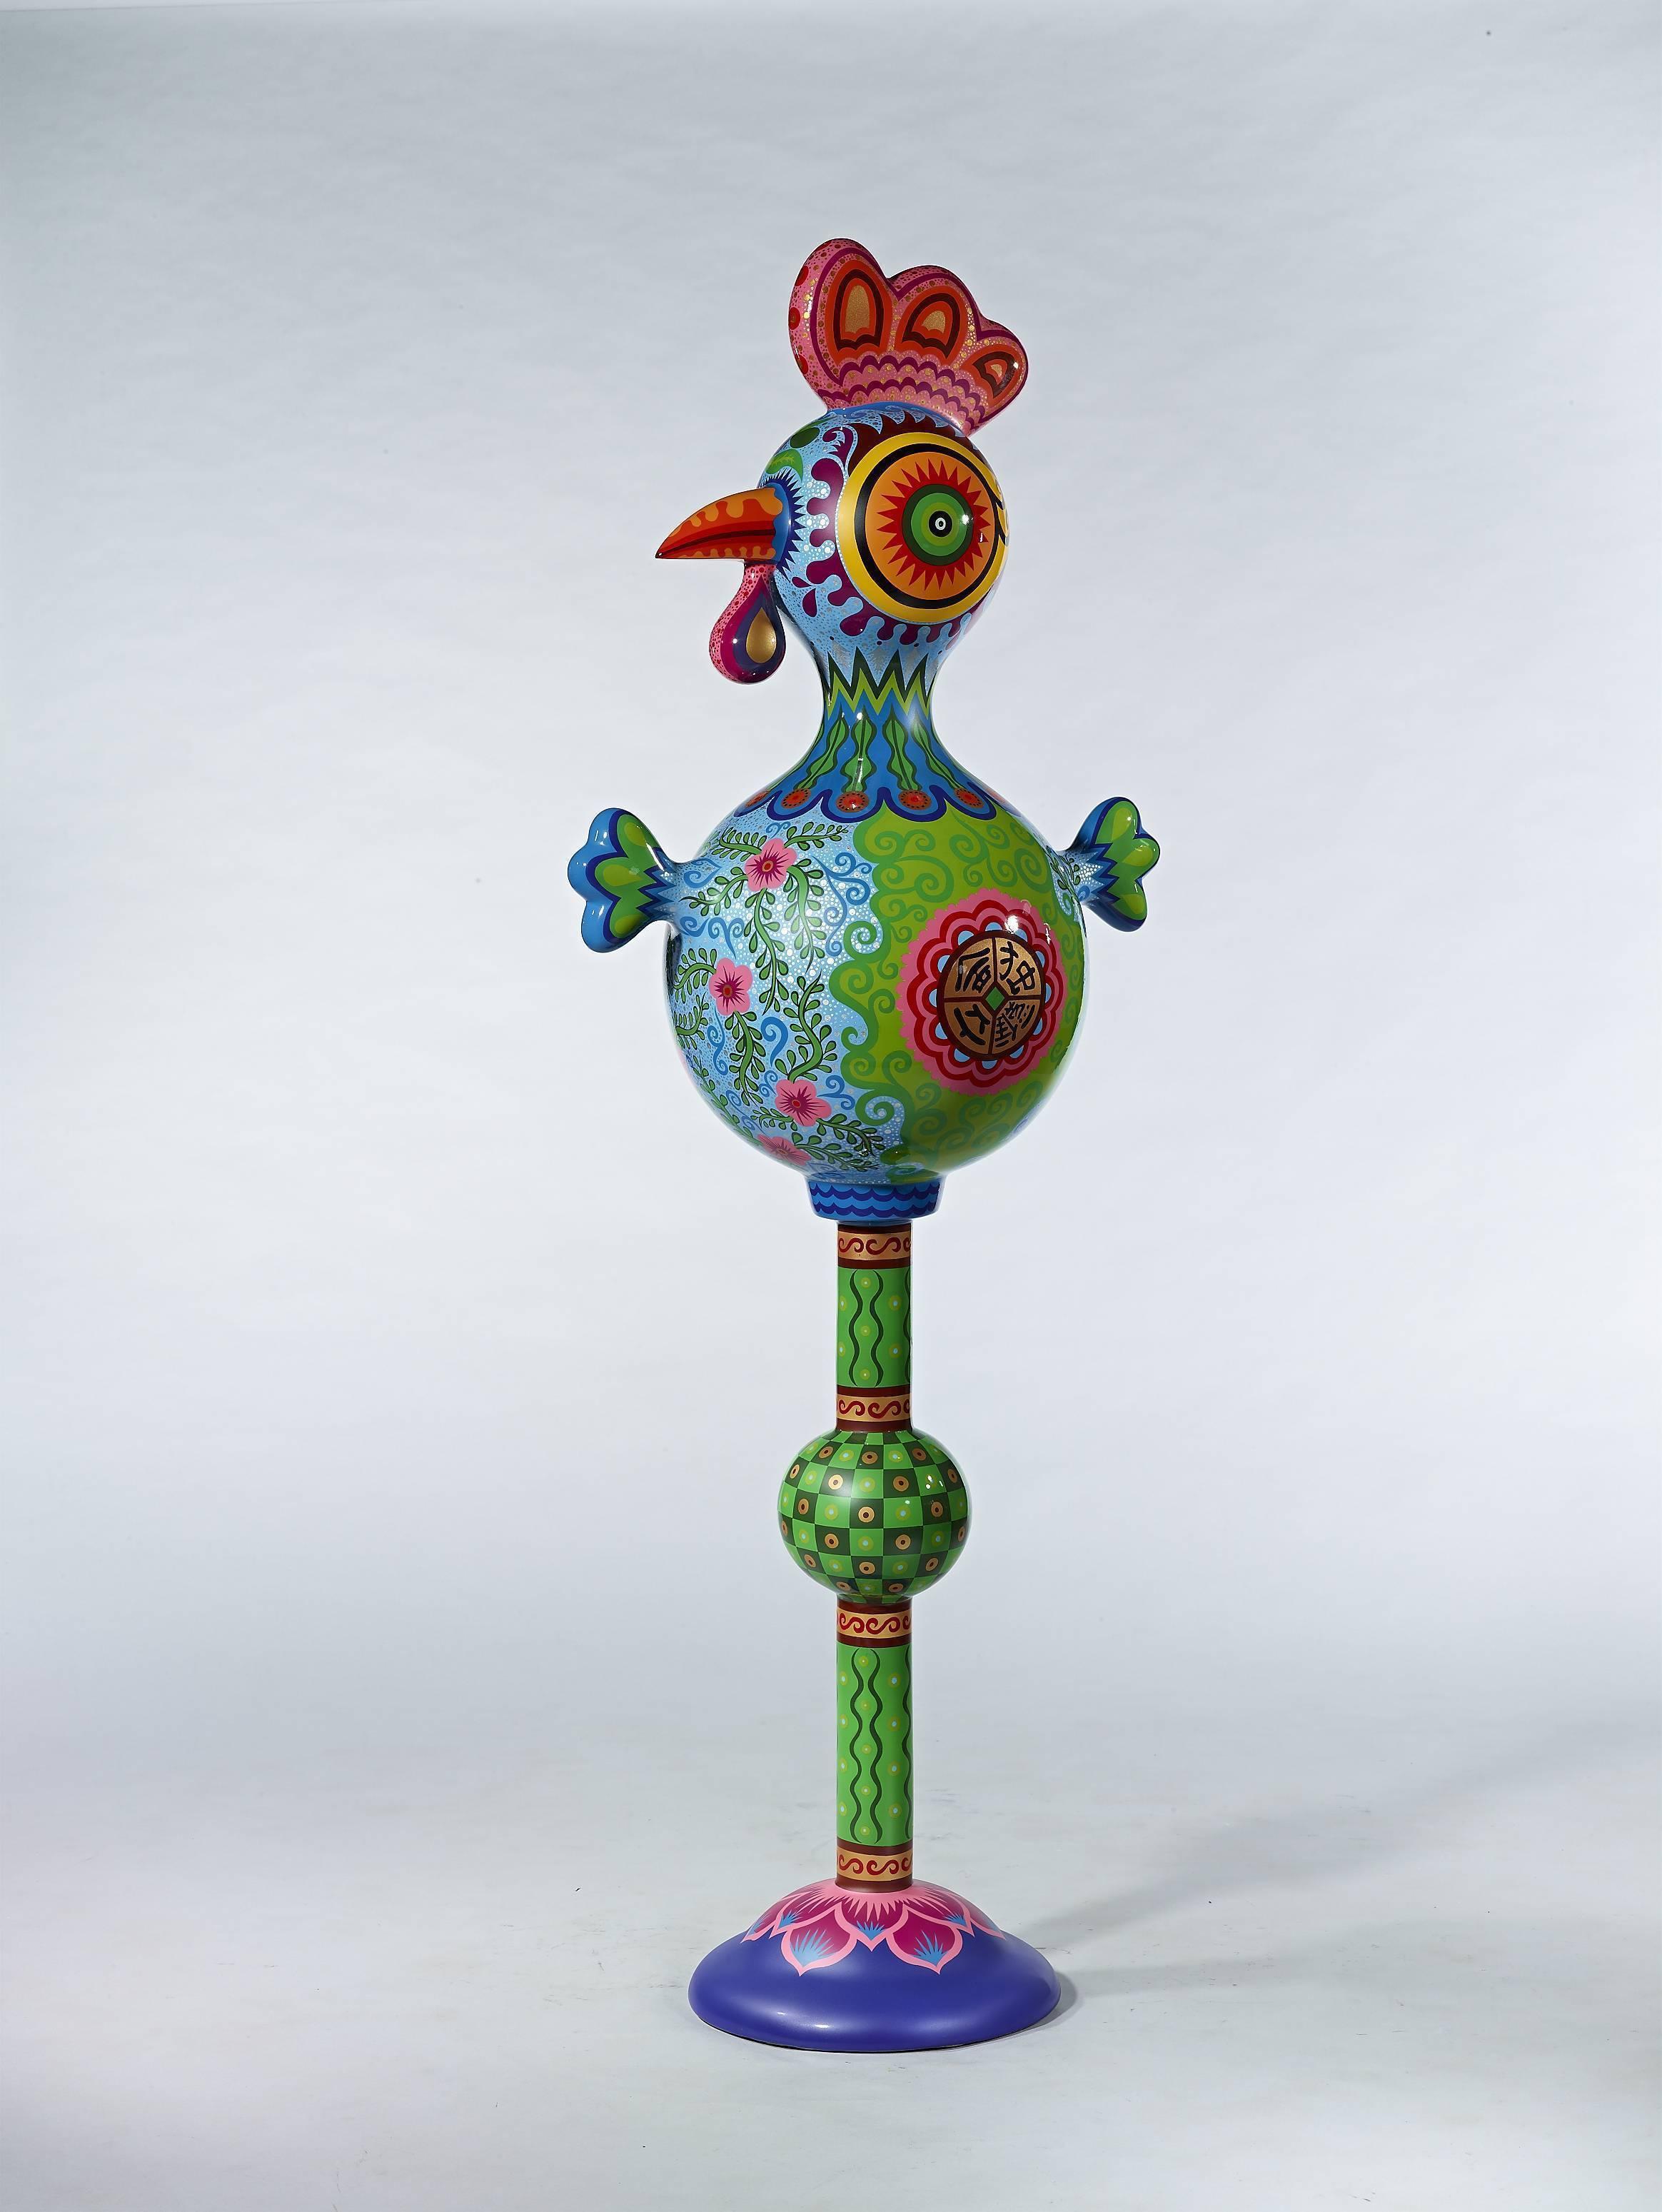 十二生肖之拾 金雞獨立 2012 鋼板彩繪 60x41x160cm